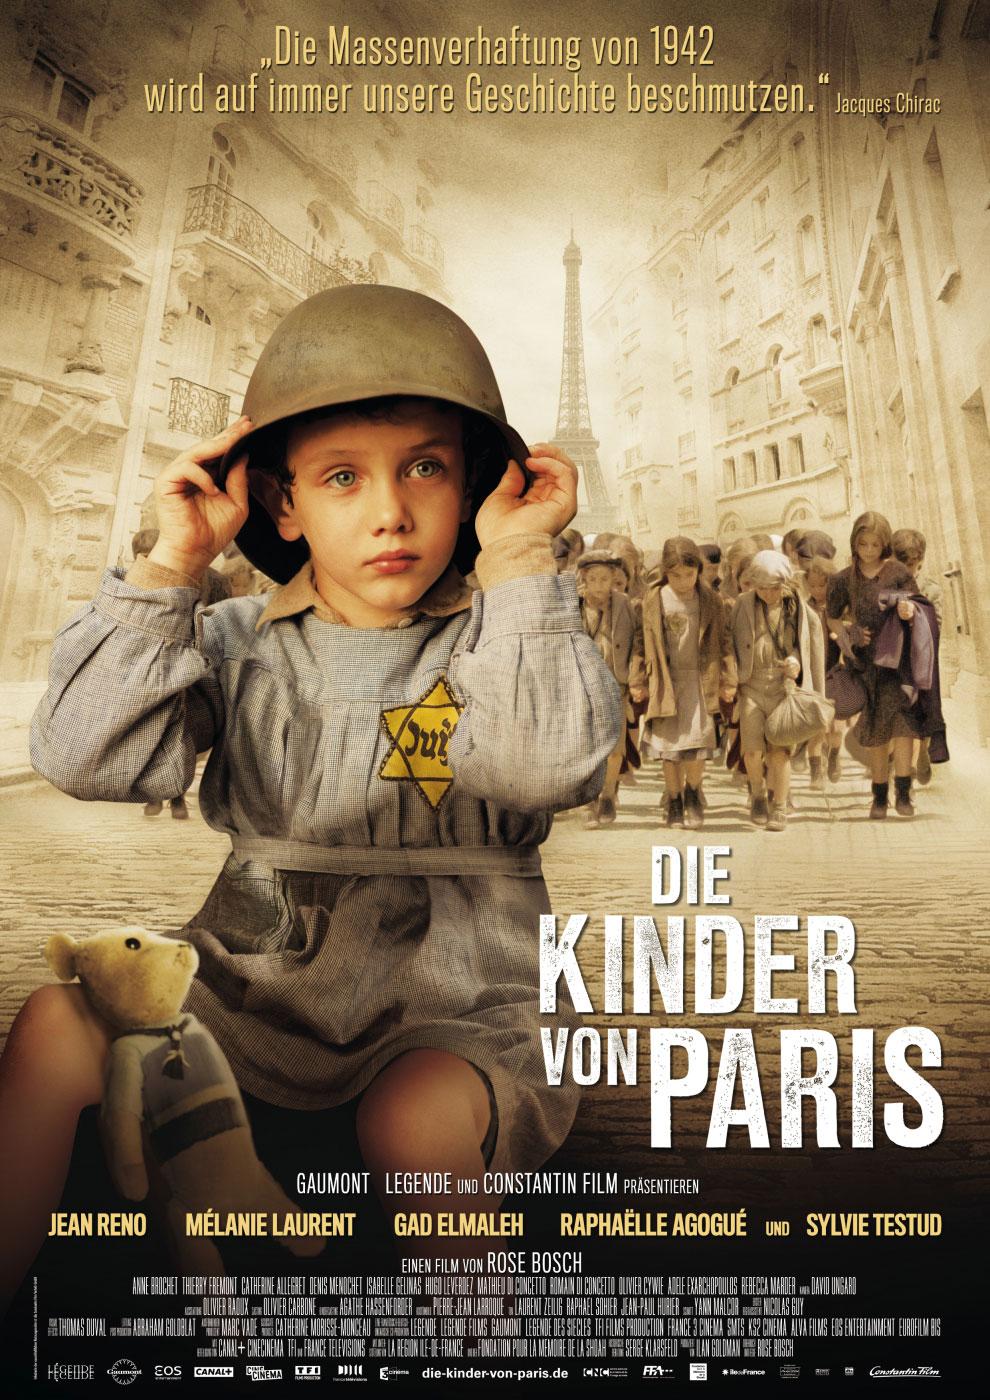 Die kinder von Paris 2010